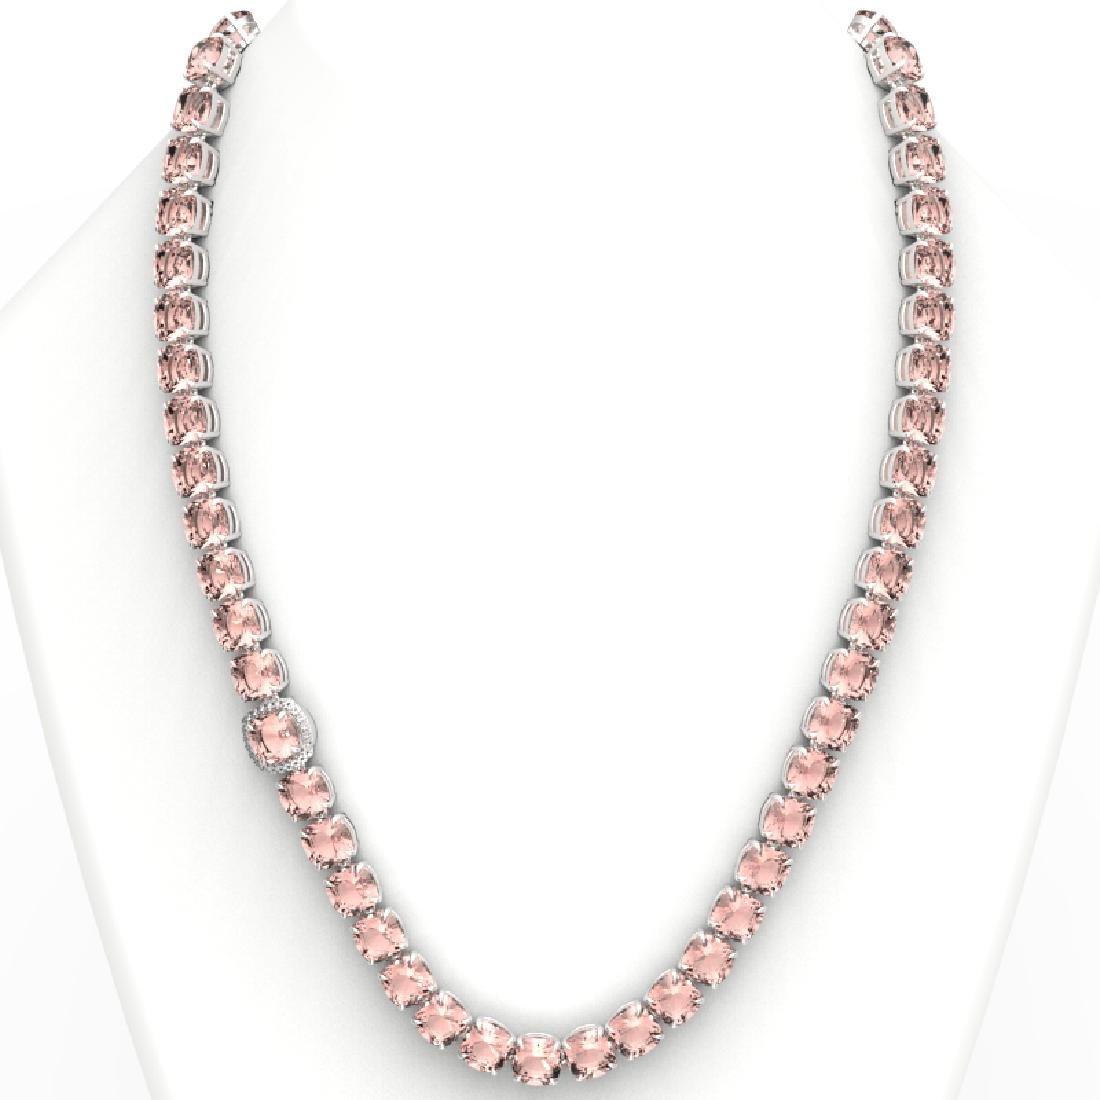 87 CTW Morganite & VS/SI Diamond Halo Micro Necklace - 3